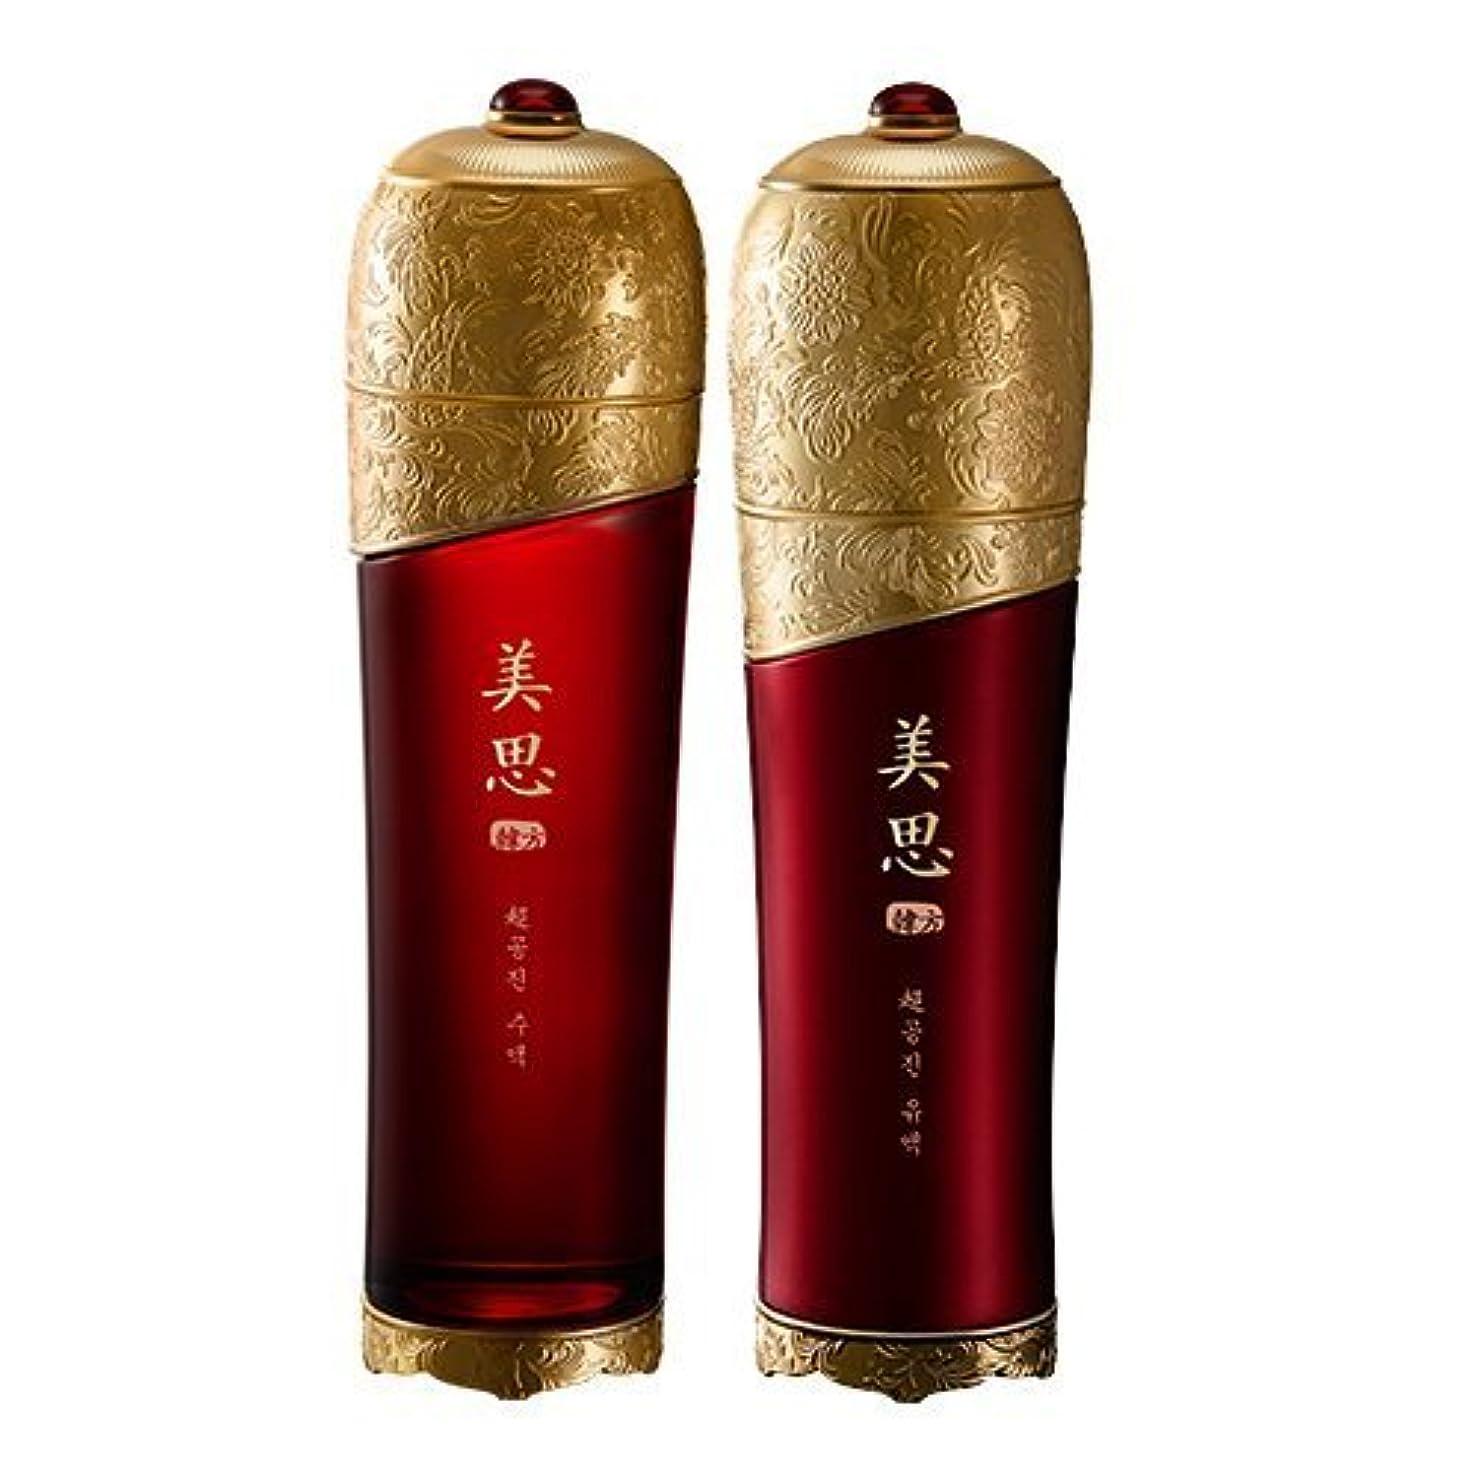 続けるパンチ乗算MISSHA(ミシャ) 美思 韓方 チョゴンジン 基礎化粧品 スキンケア 化粧水+乳液=お得2種Set